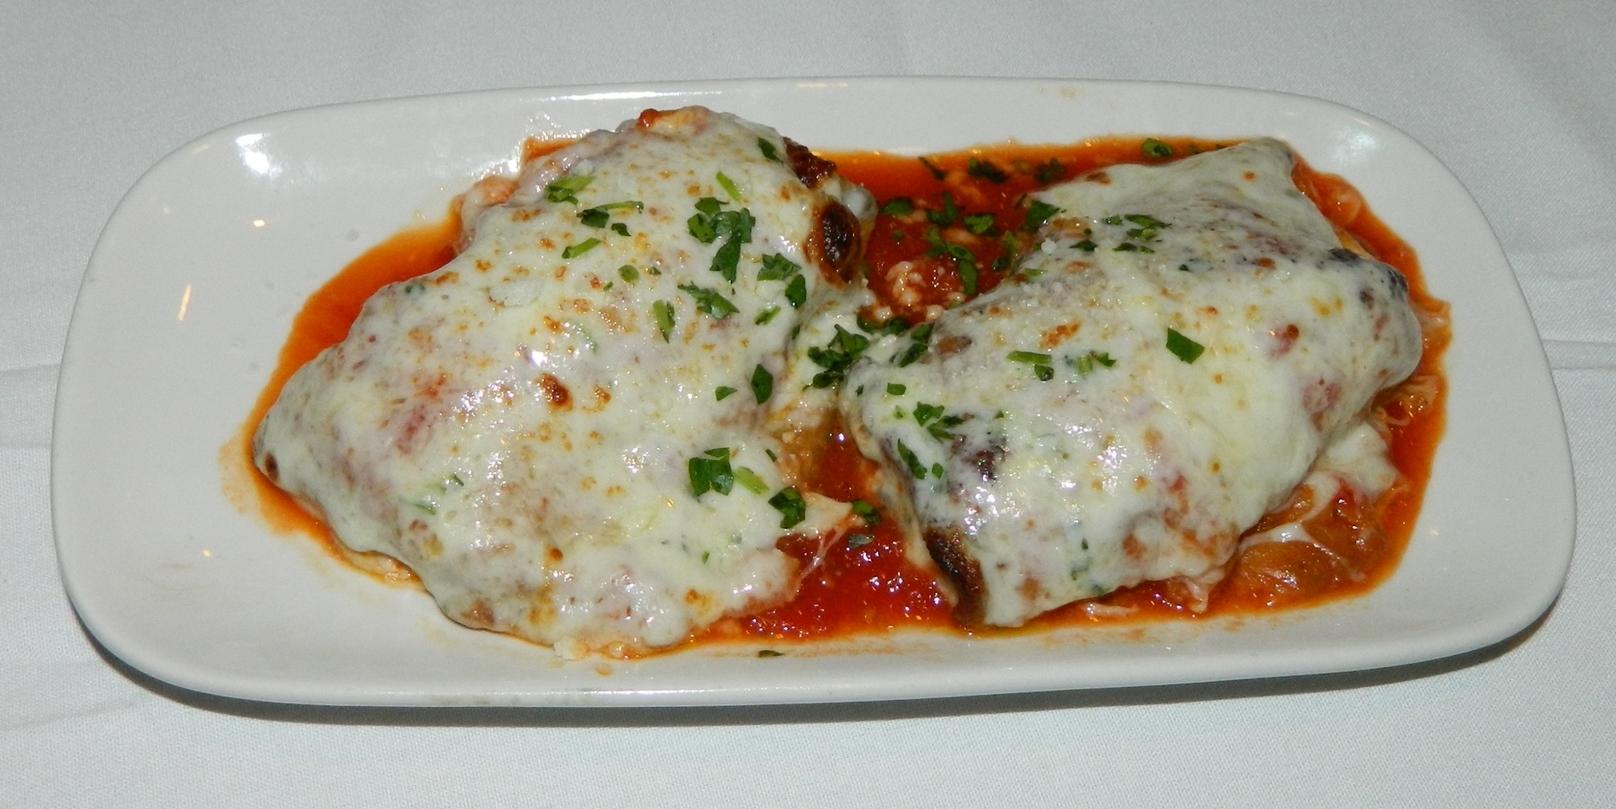 Pictured: Piccolo Mondo's eggplant rollatini.